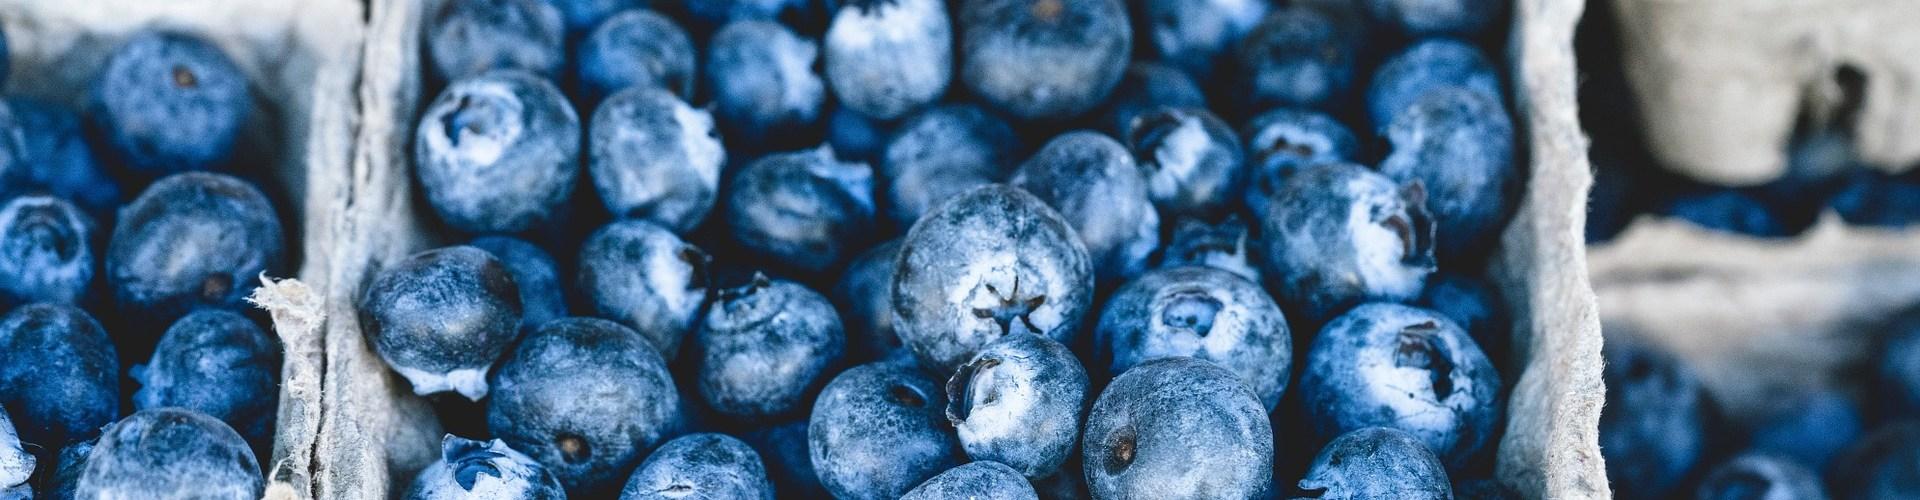 myrthilles bleues françaises